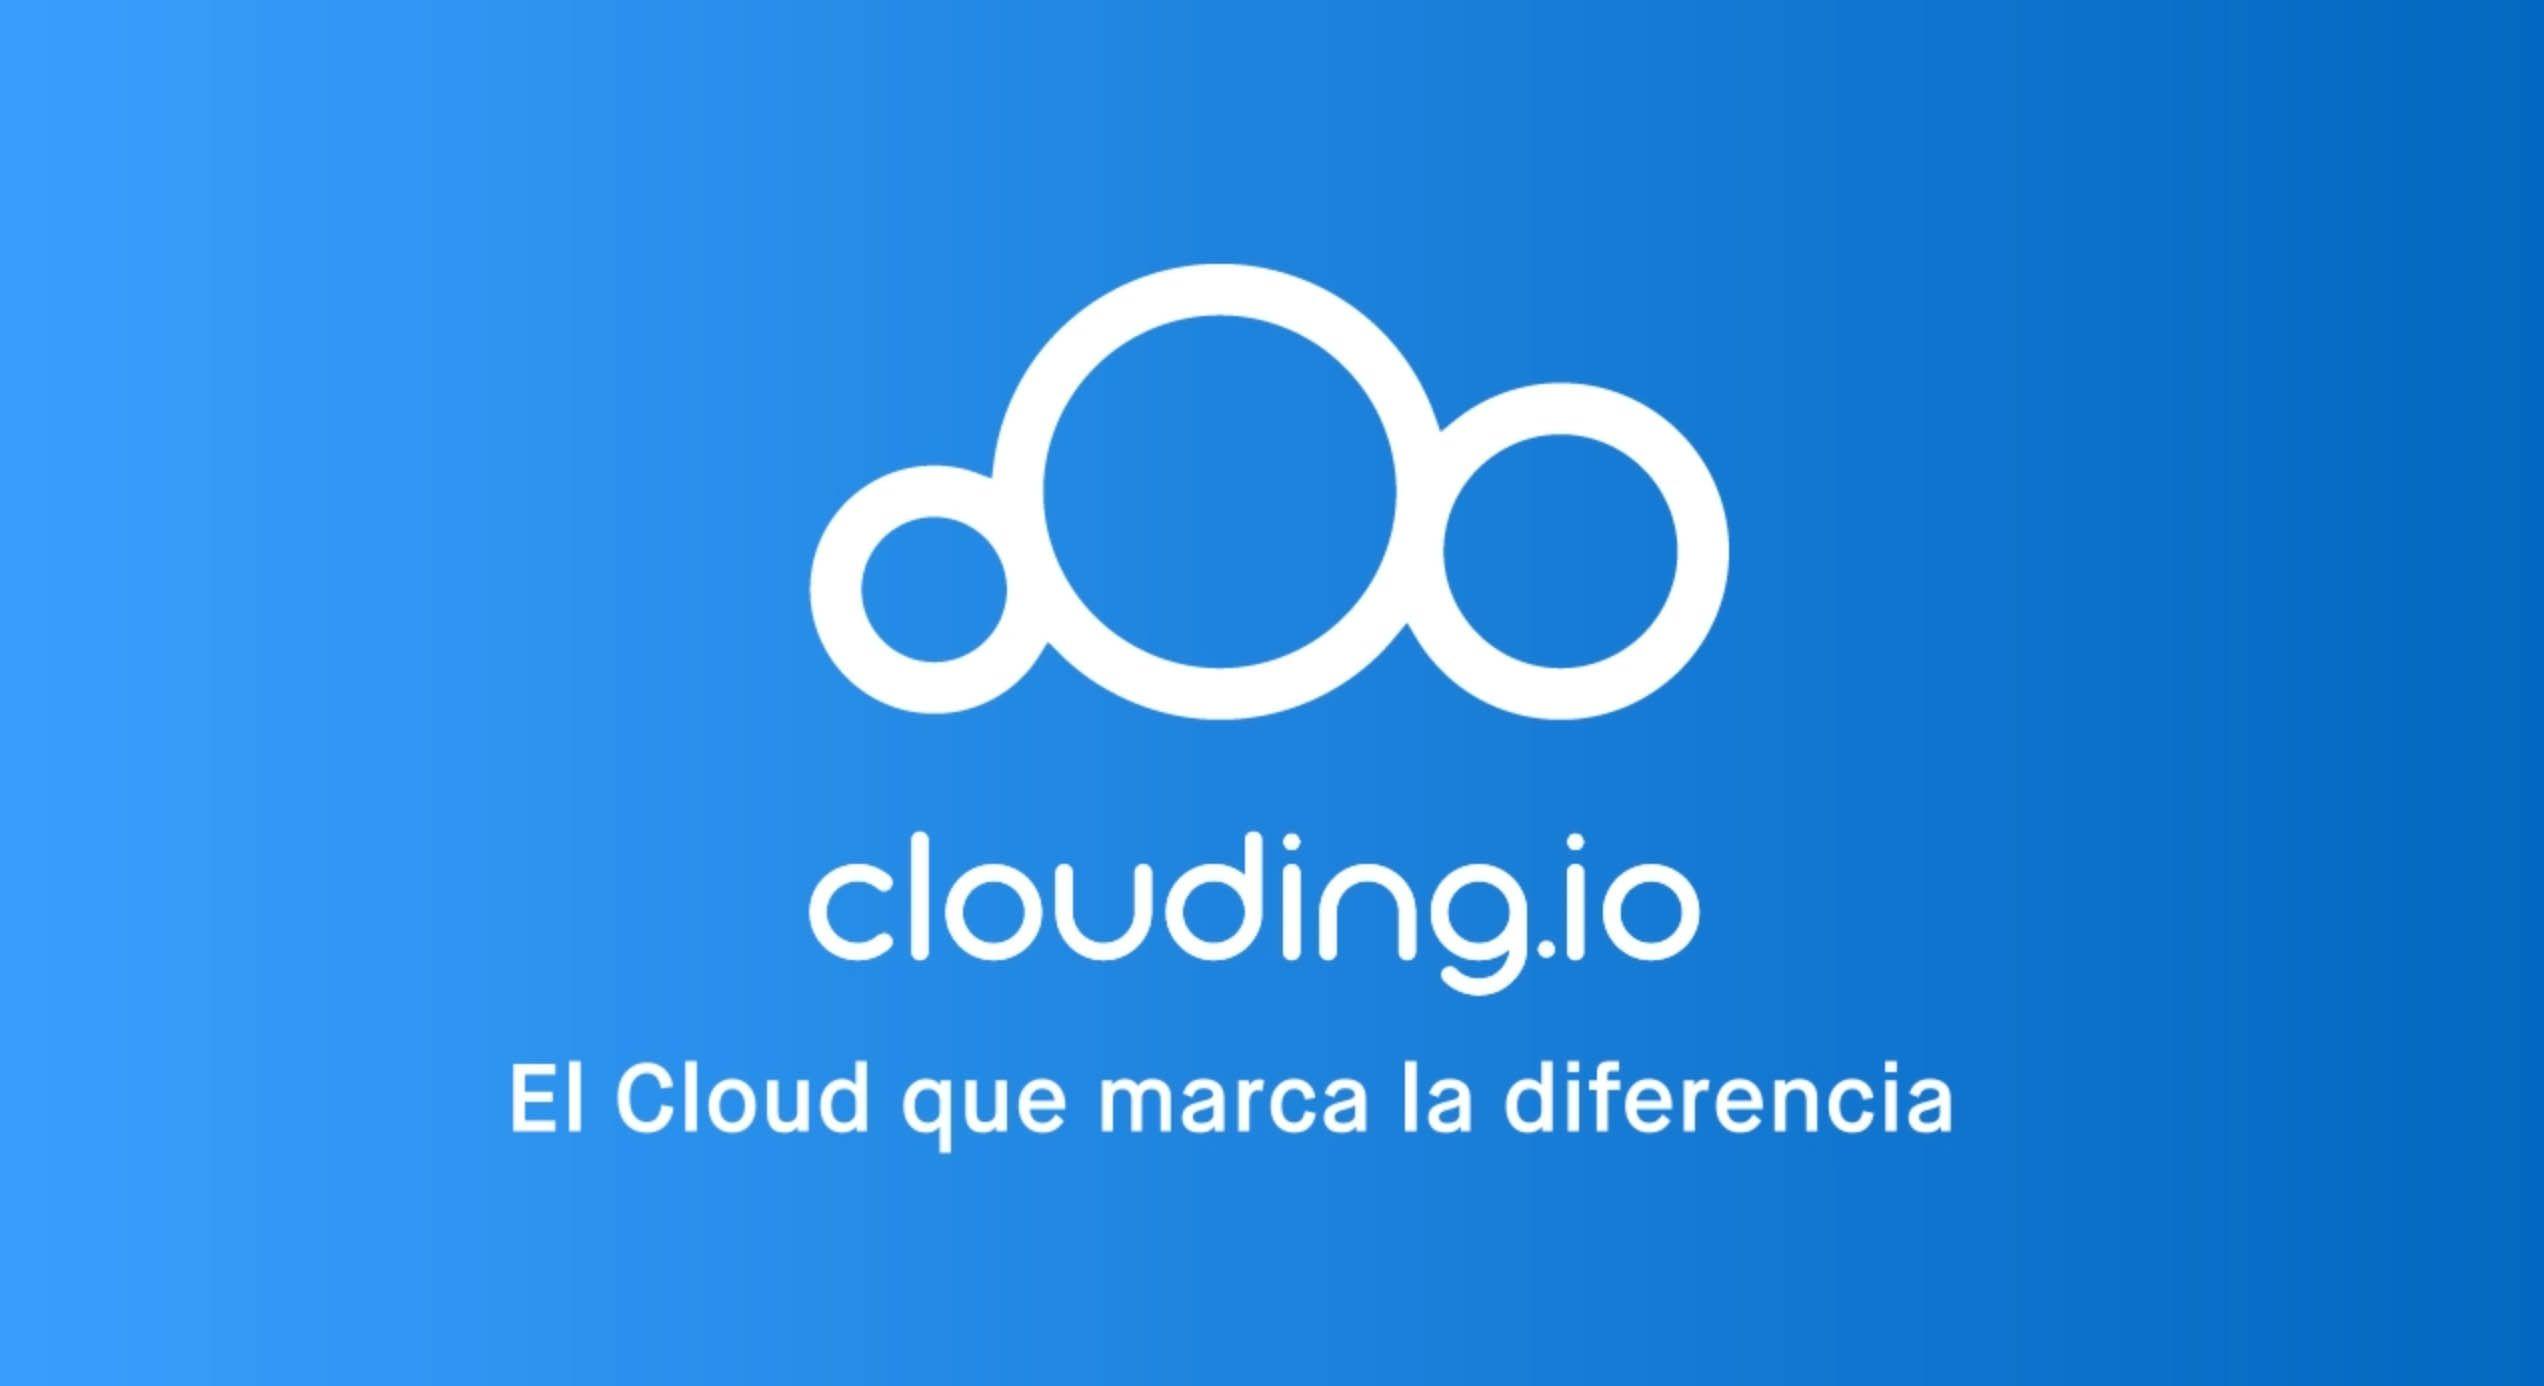 Fotografia Clouding.io es el cloud con mejores recursos y con soporte